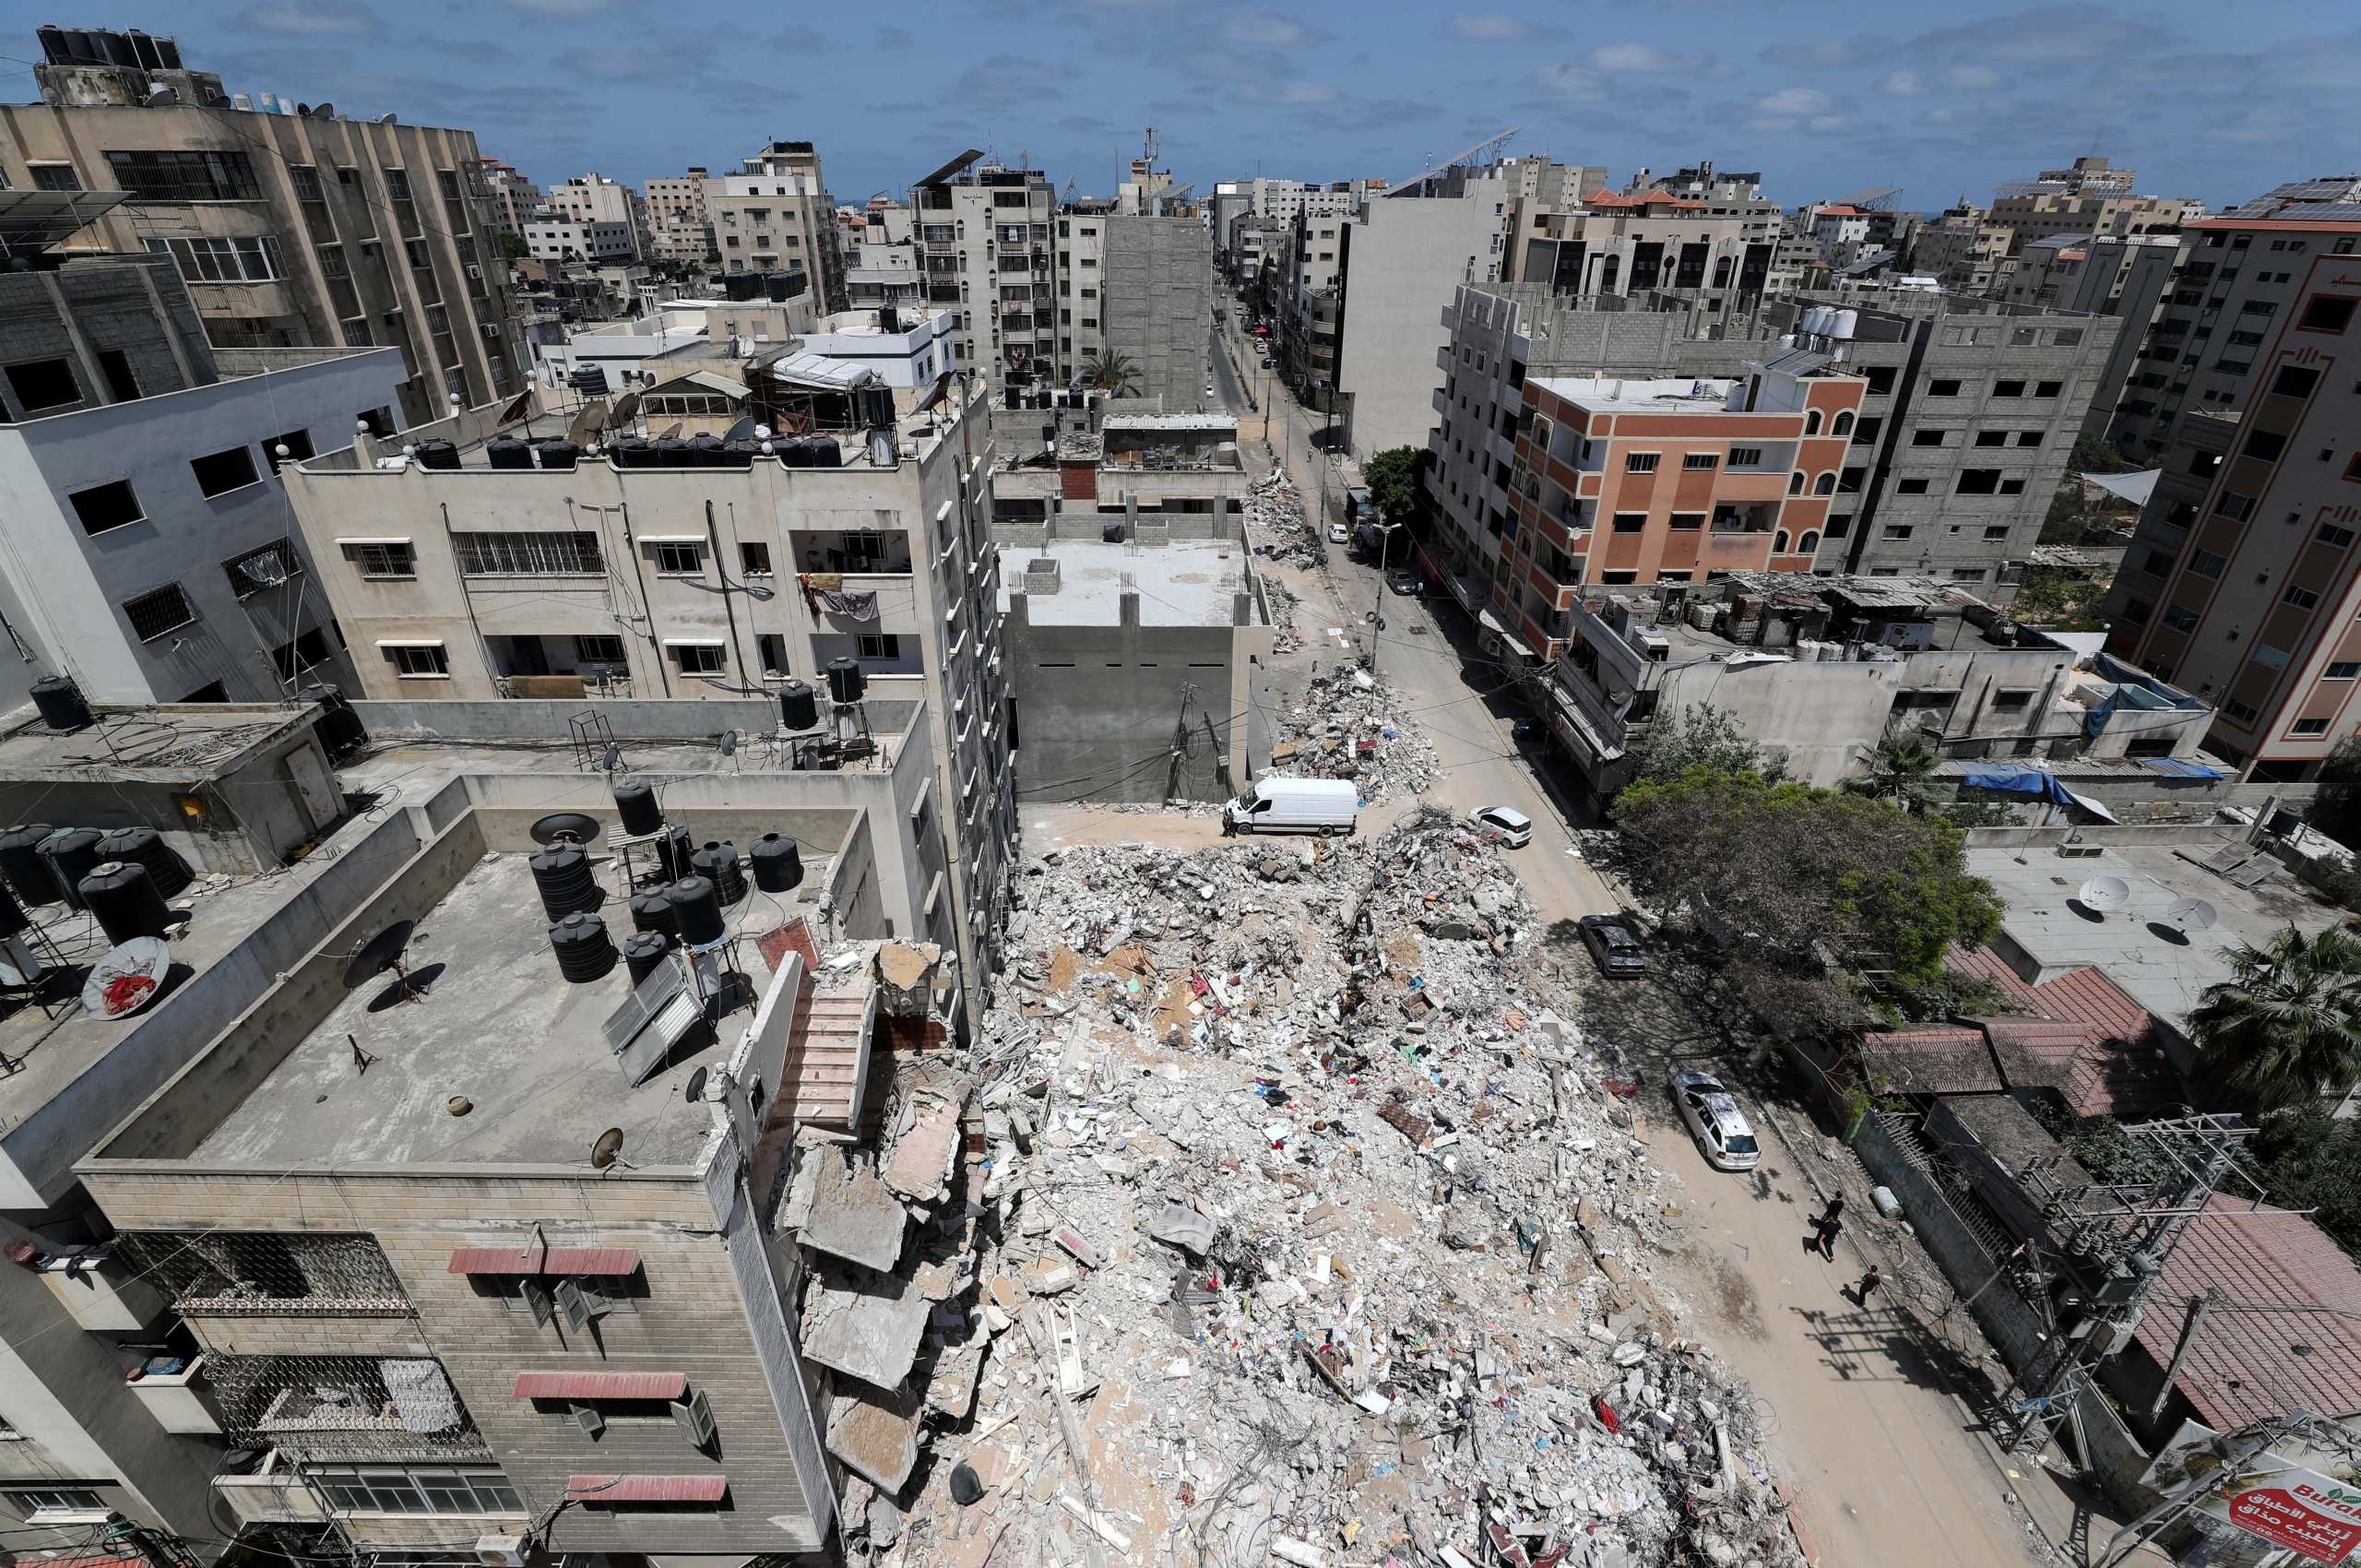 Λωρίδα της Γάζας: Σκοτώθηκε οικογένεια με ανάπηρο πατέρα, έγκυο μητέρα και 3χρονο κοριτσάκι